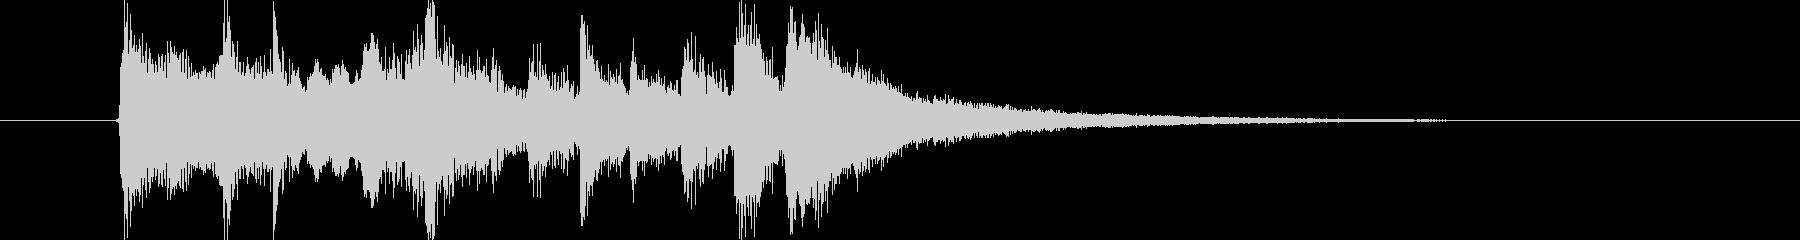 軽快なリズムが特徴のポップなジングルの未再生の波形